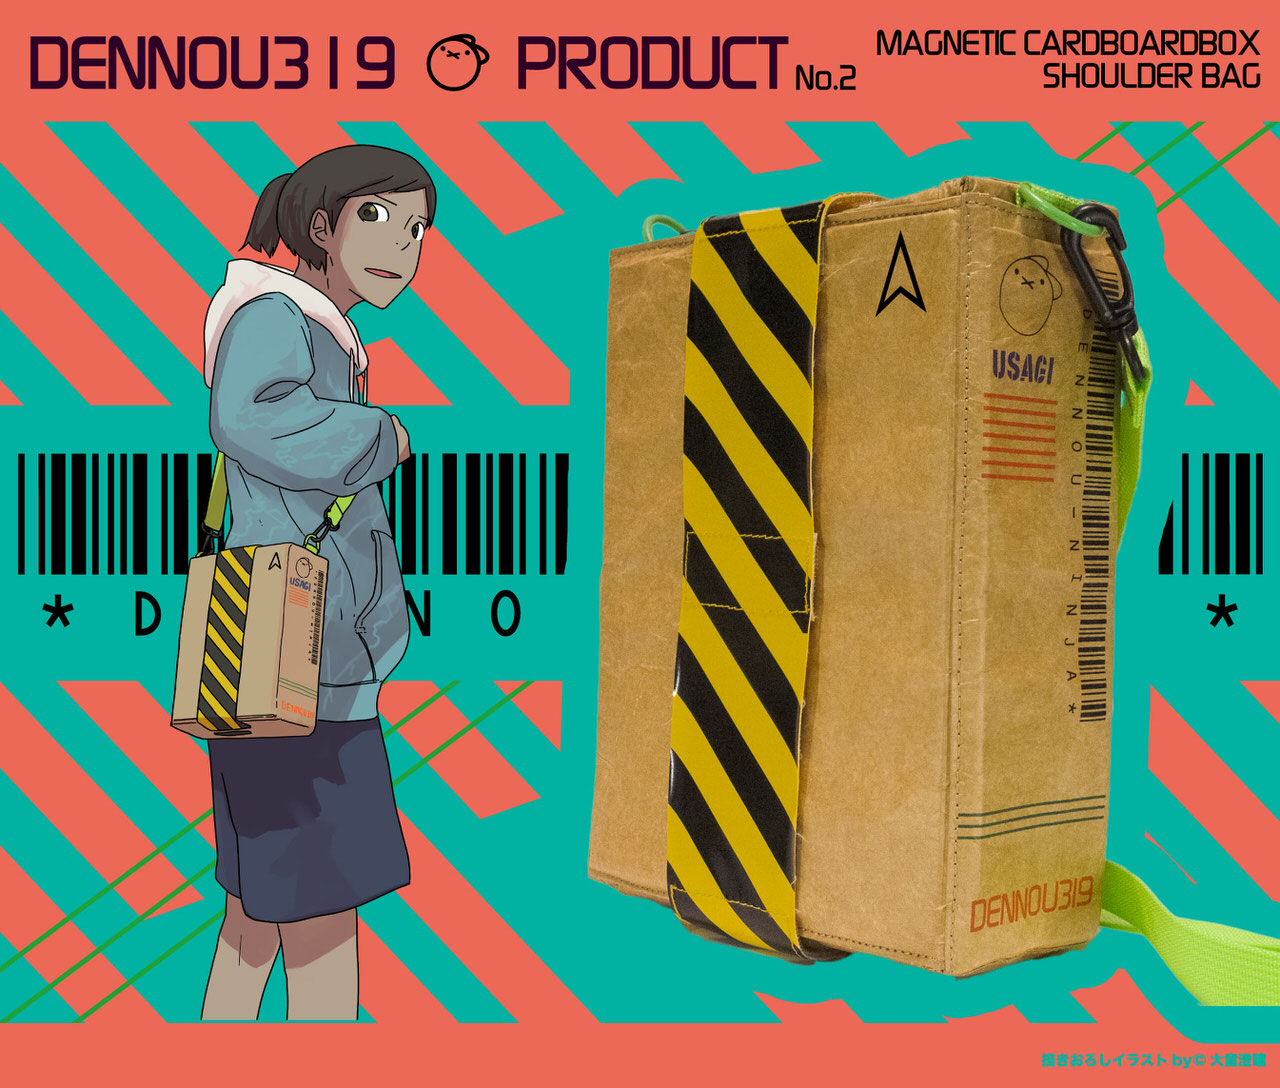 Danboard shoulder bag 001 202103